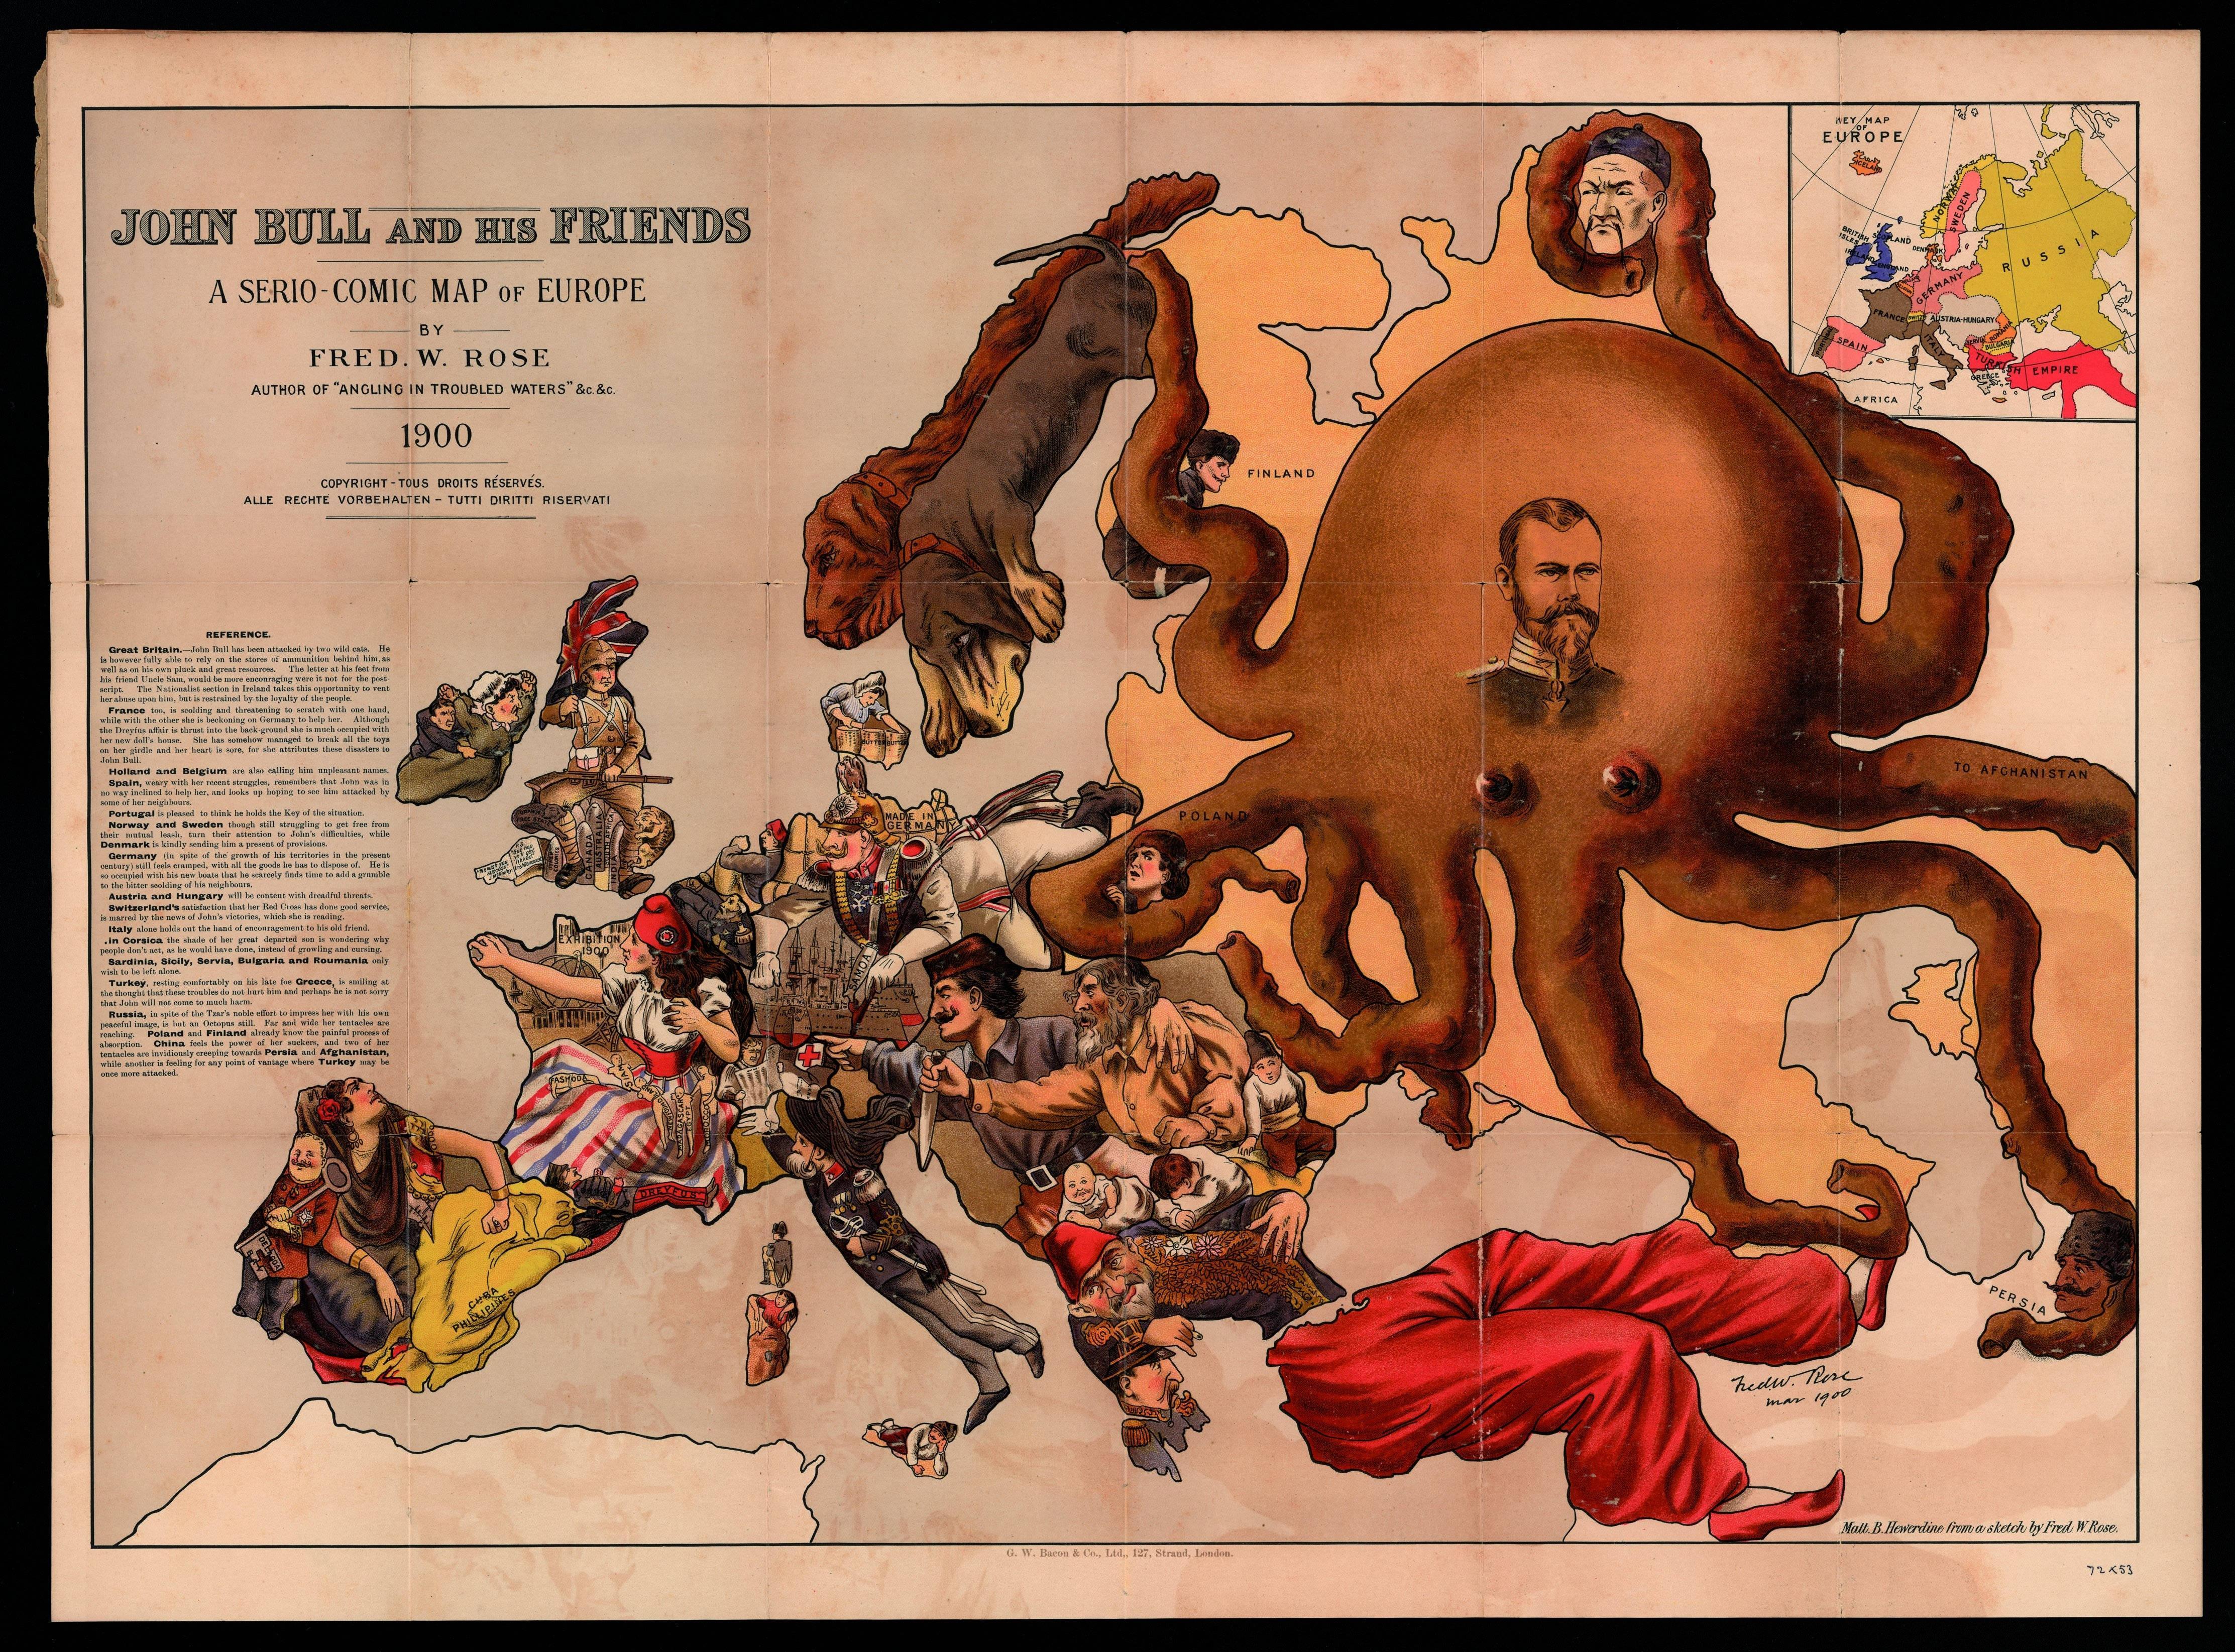 風刺・皮肉の効きまくった20世紀初頭ごろのヨーロッパ地図いろいろ